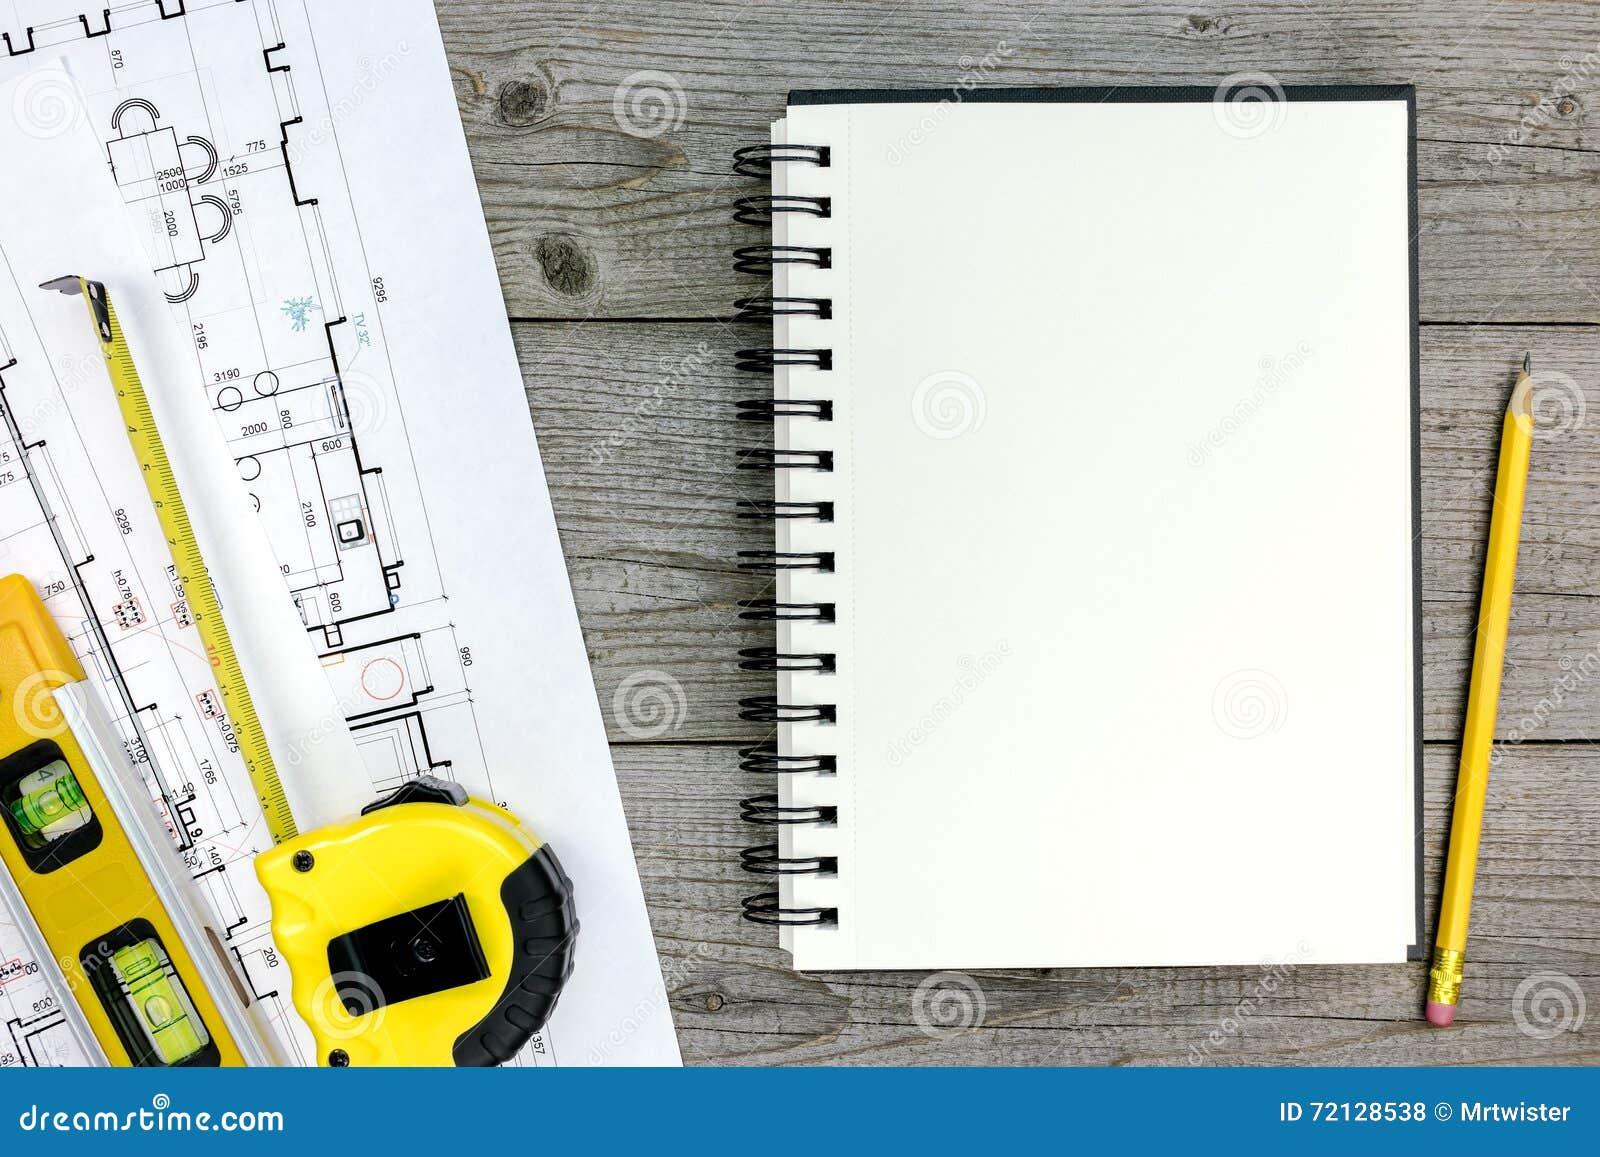 Projet Architectural Avec Les Outils Et Le Bloc Notes Sur Le Bureau